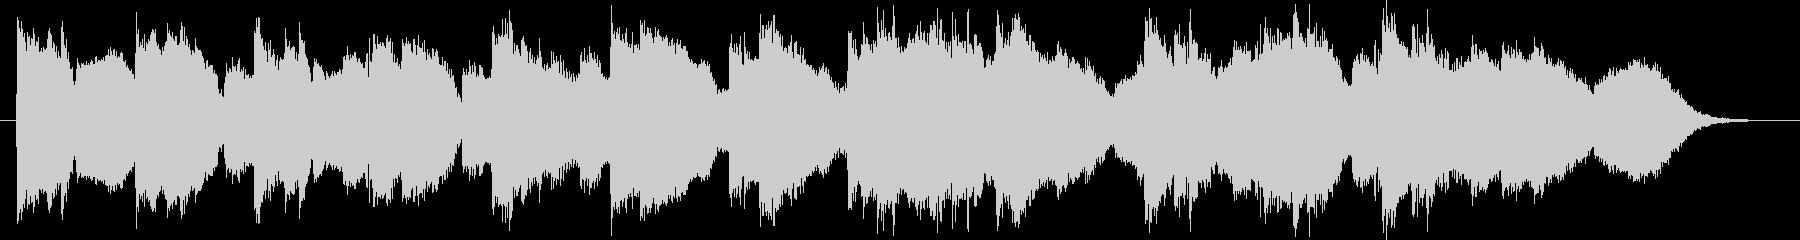 48秒の曲の未再生の波形